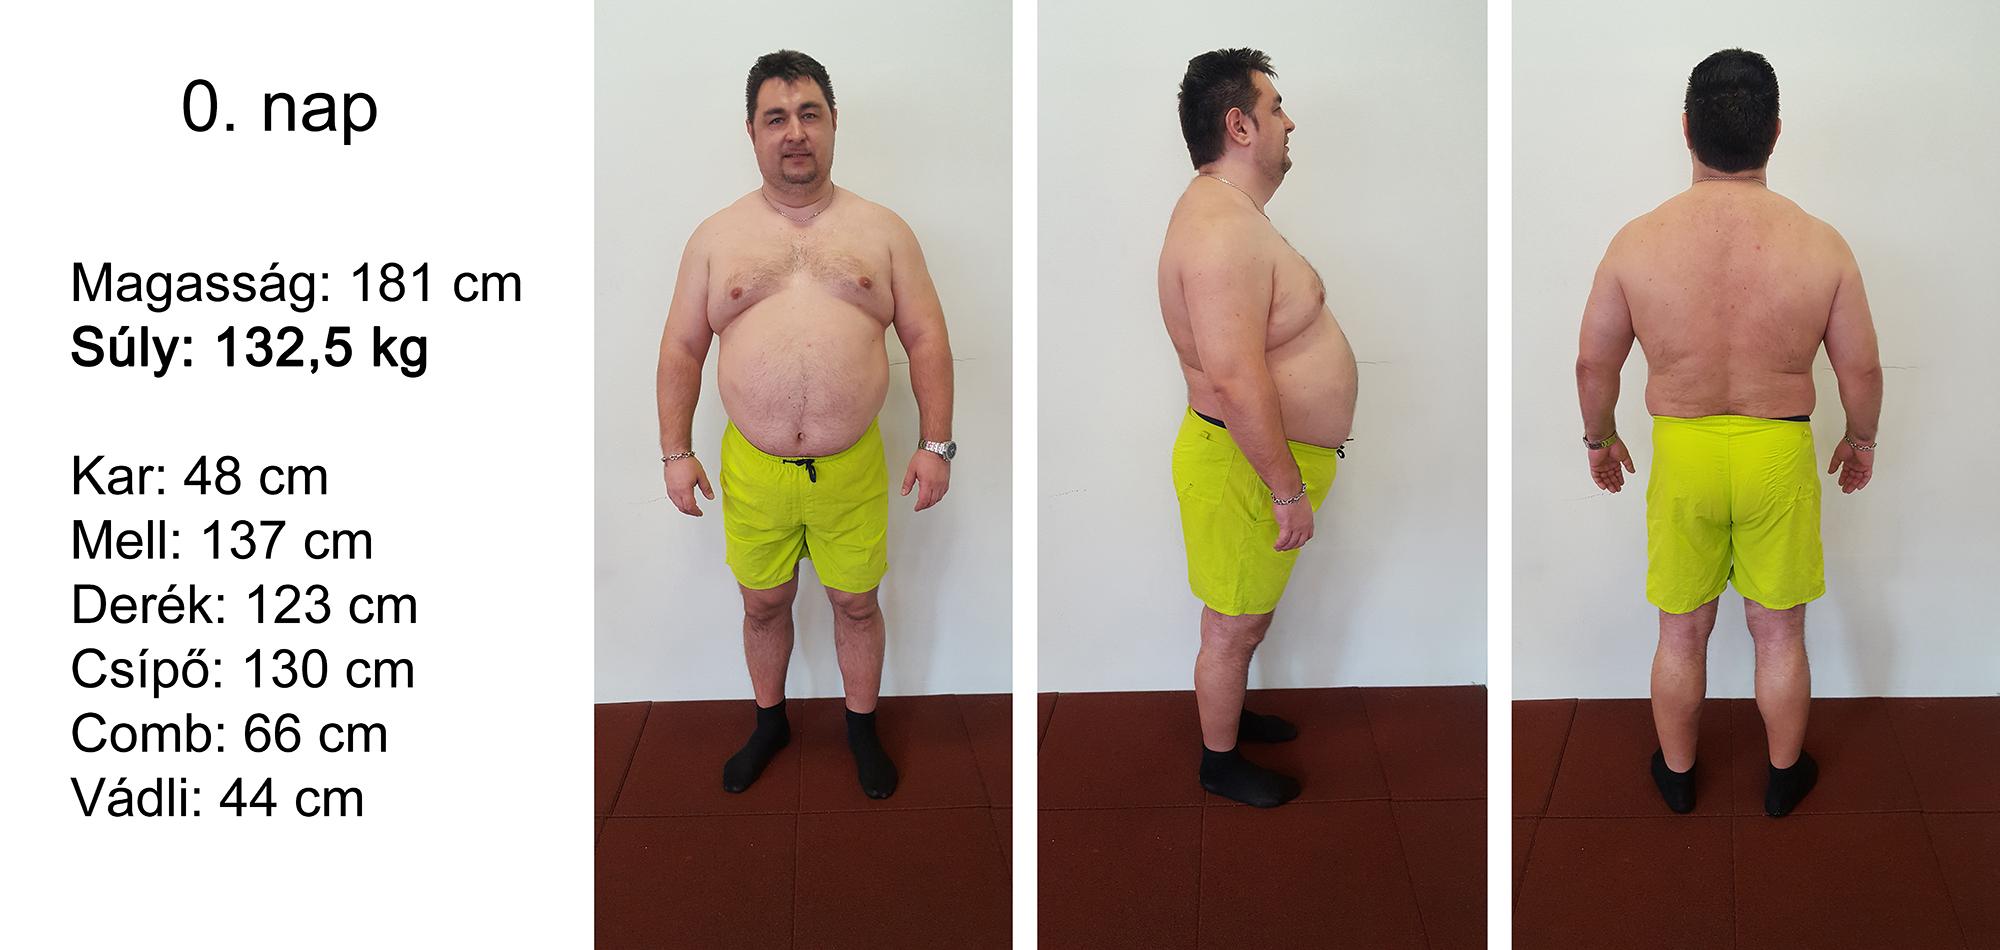 Szerintetek 5 hét alatt le lehet fogyni kg-t?